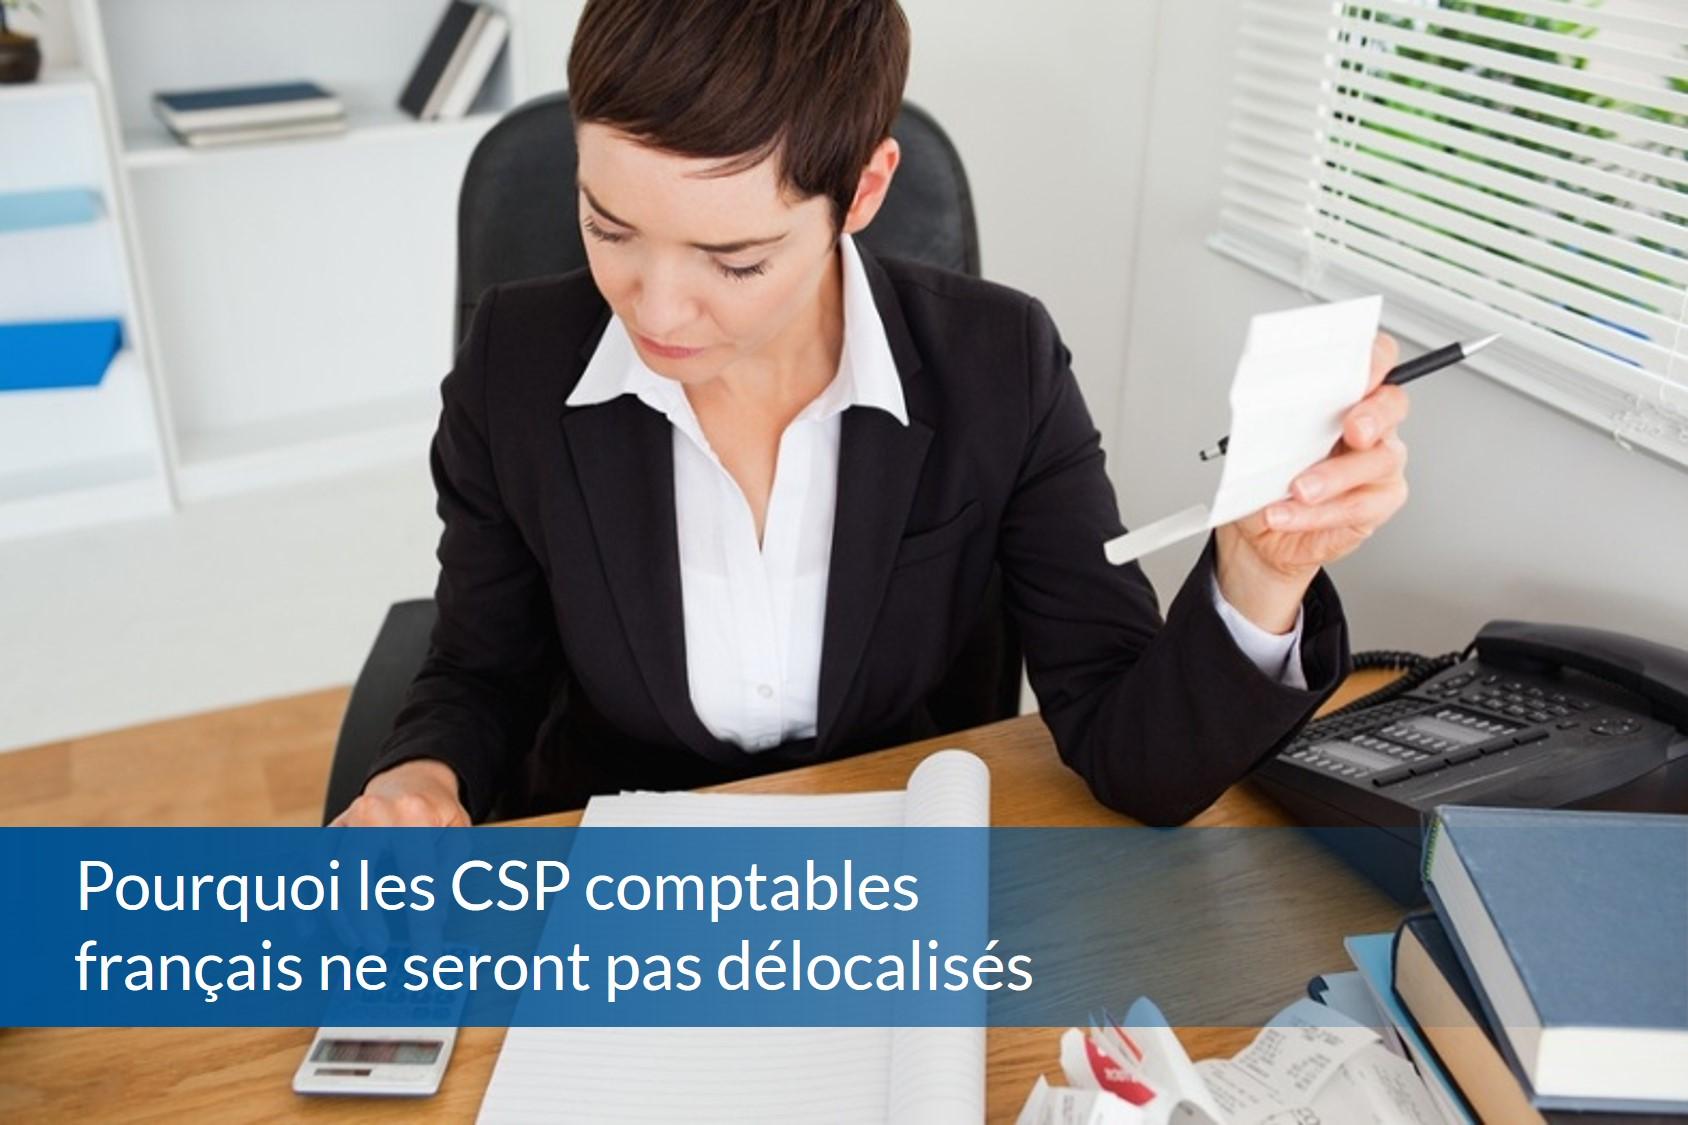 Pourquoi les CSP comptables français ne seront pas délocalisés